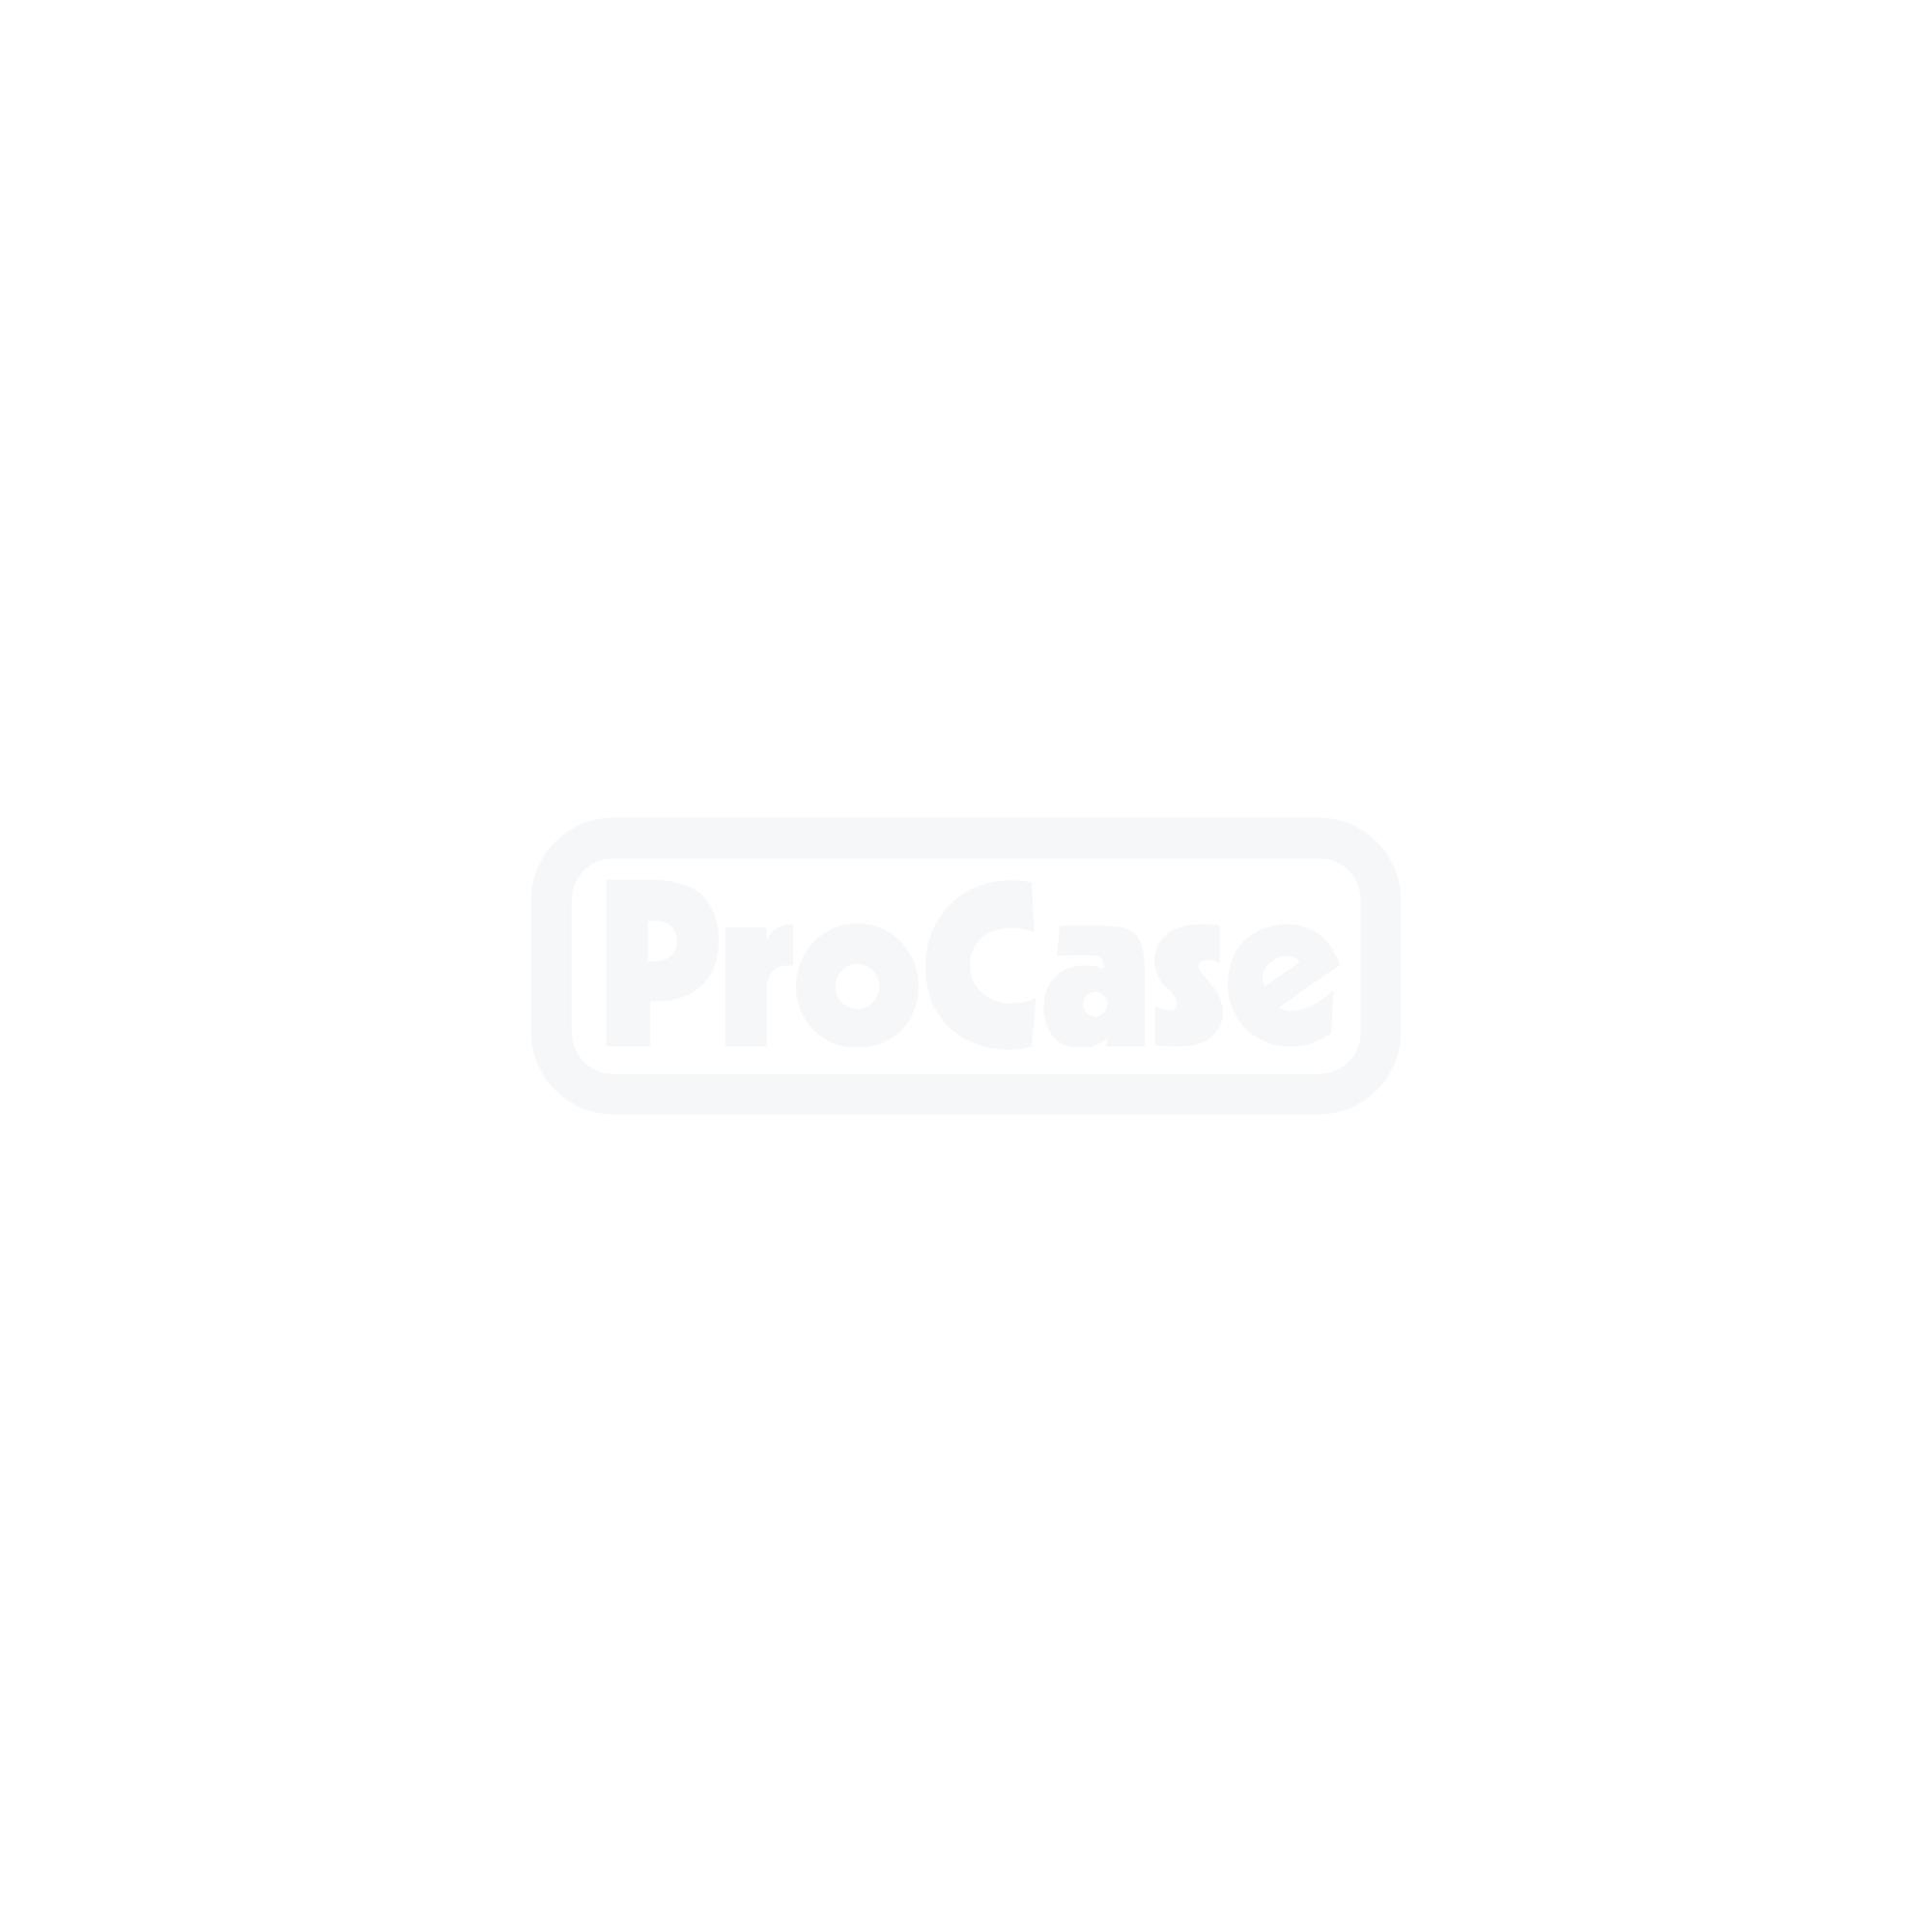 Sinora Koffer 11538-17BK-C 3